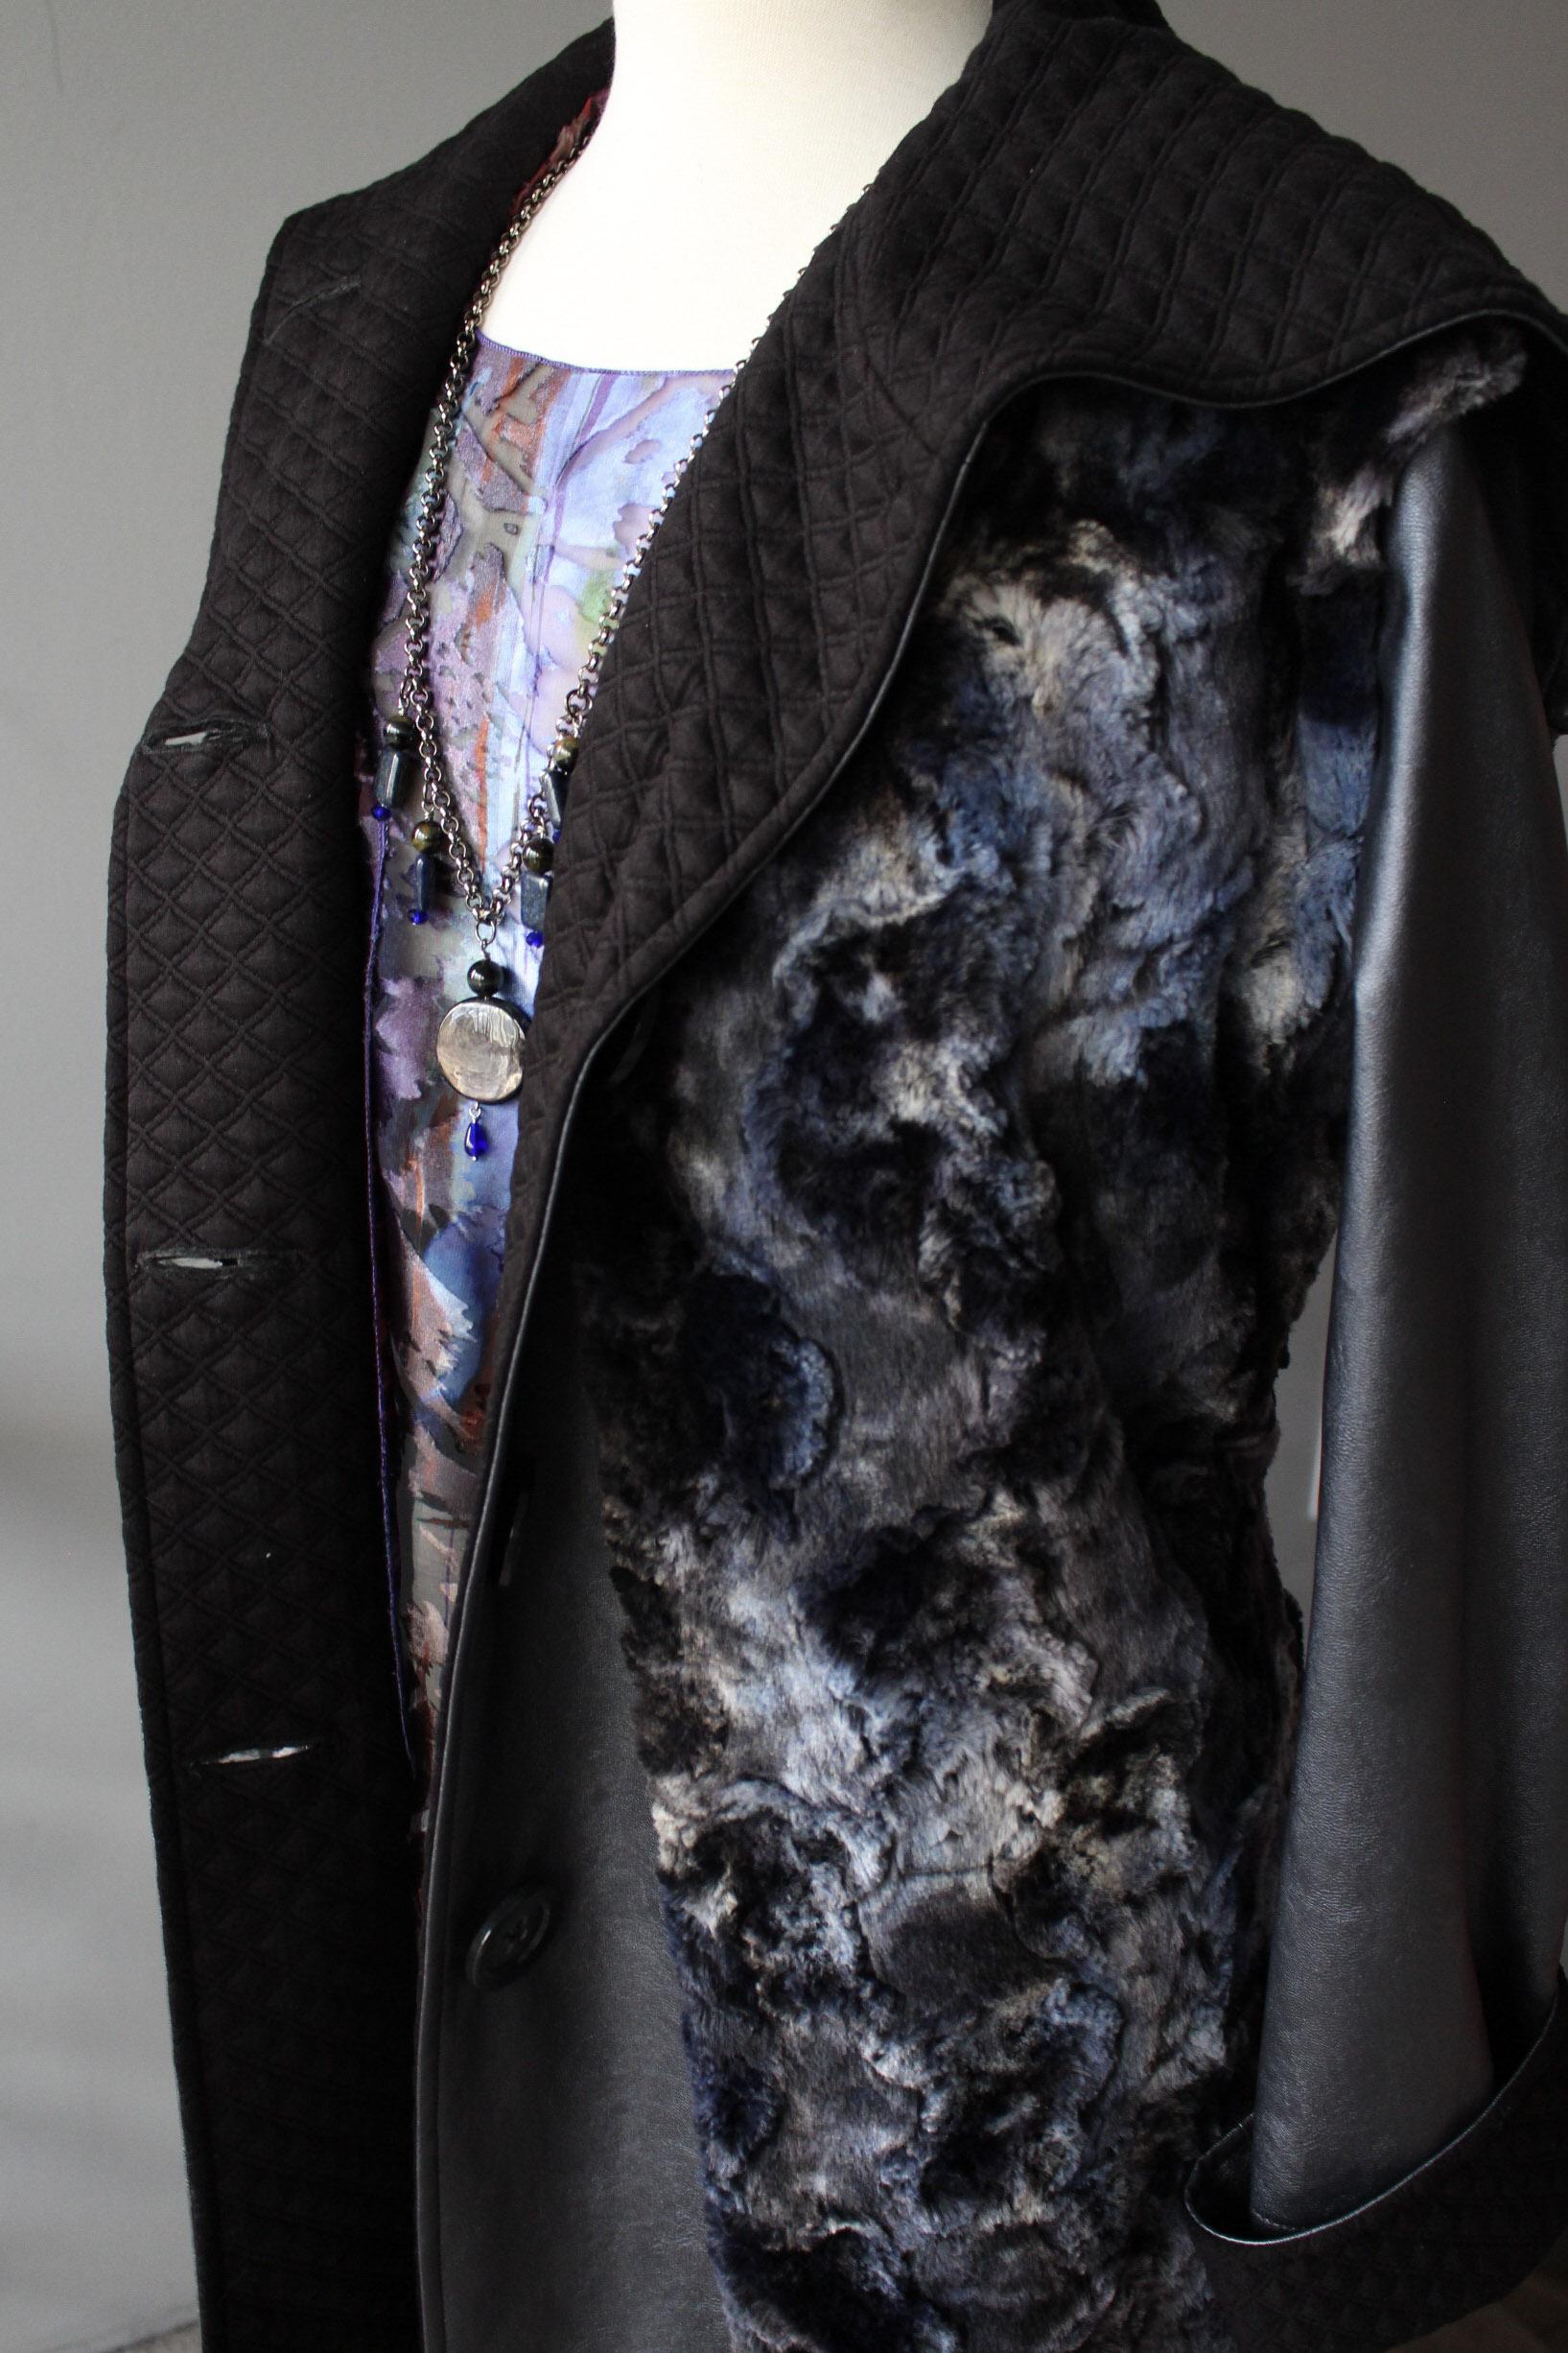 Fur Vest & Raincoat Details